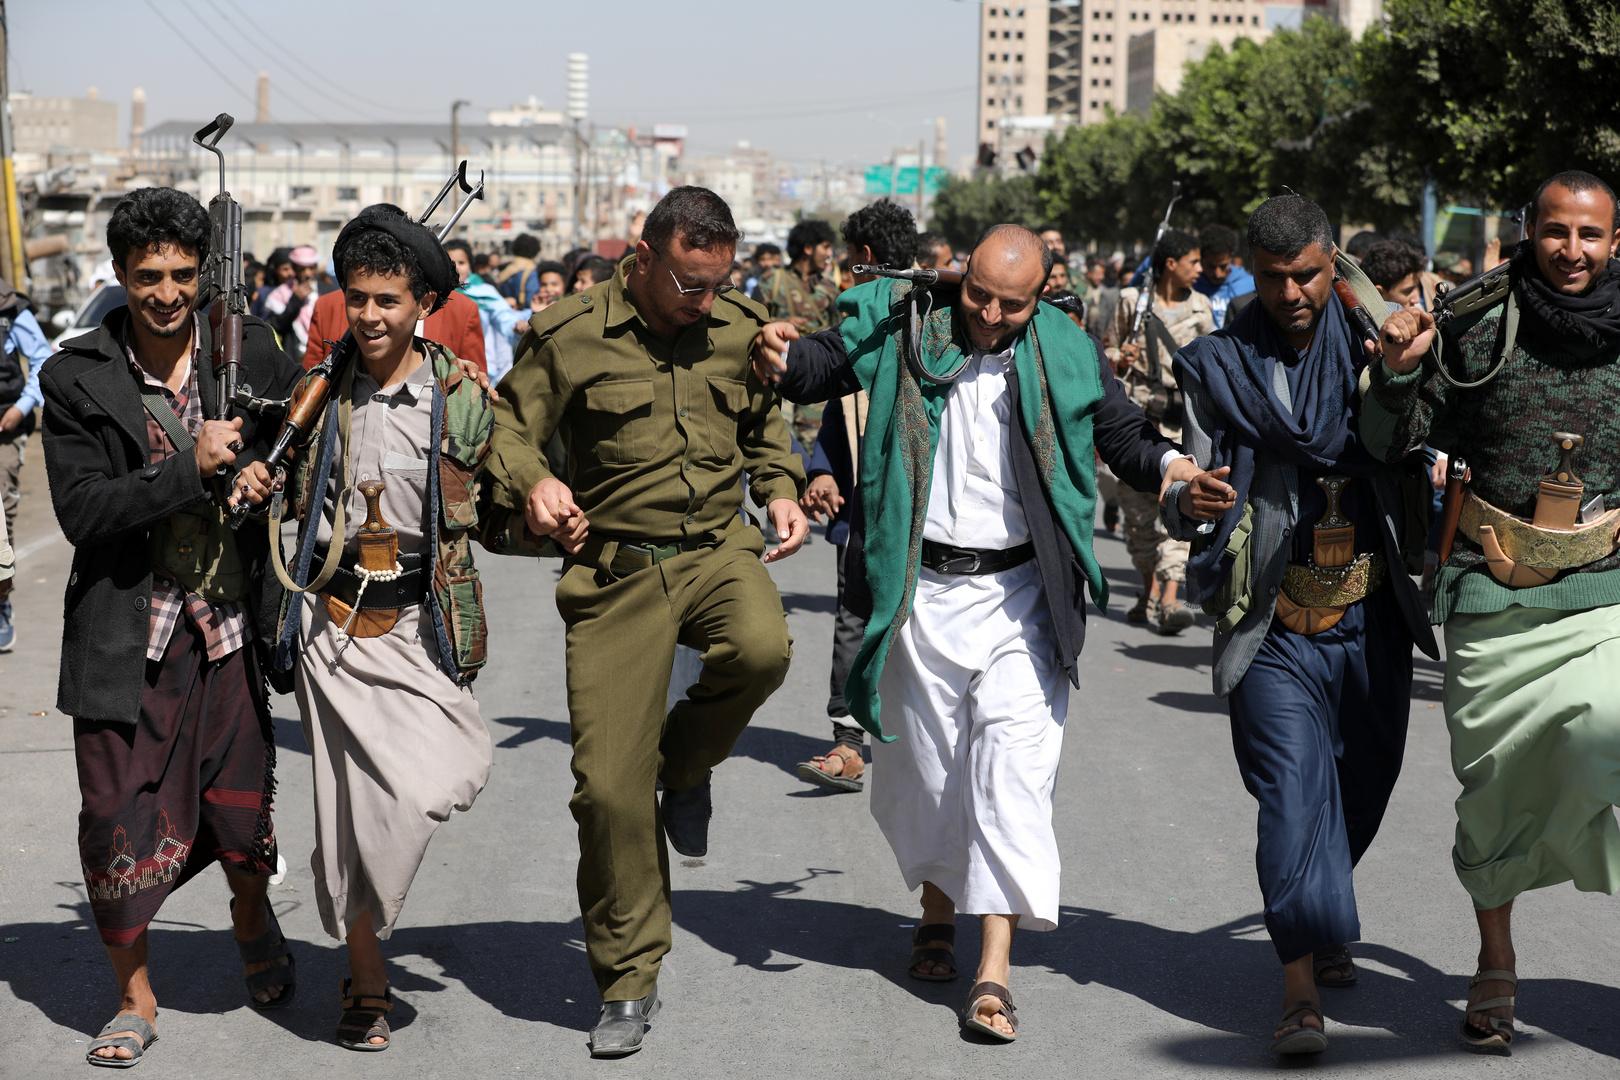 السعوديون يتكبدون هزيمة في اليمن